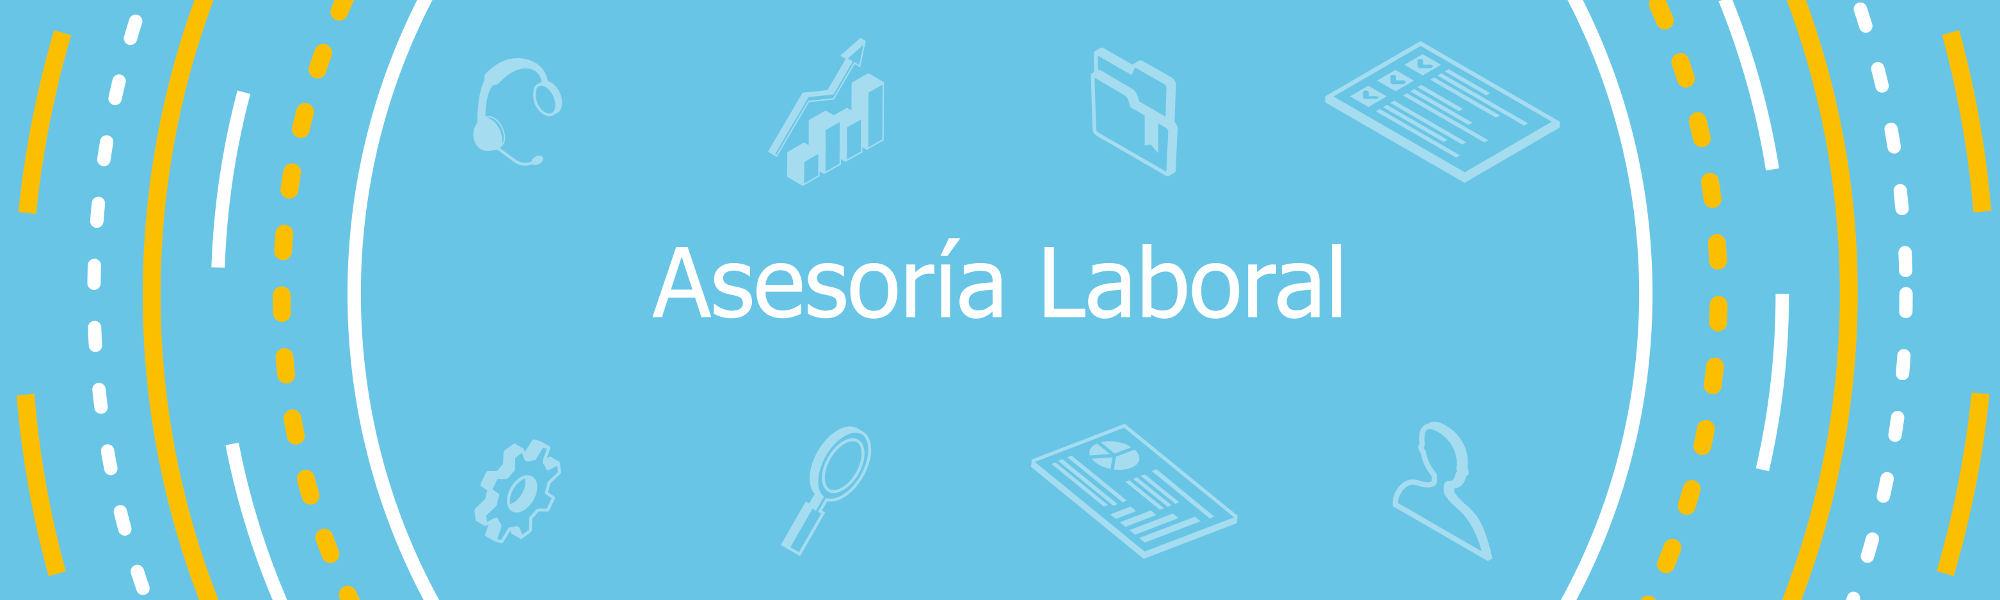 Asesoría Laboral en Tenerife